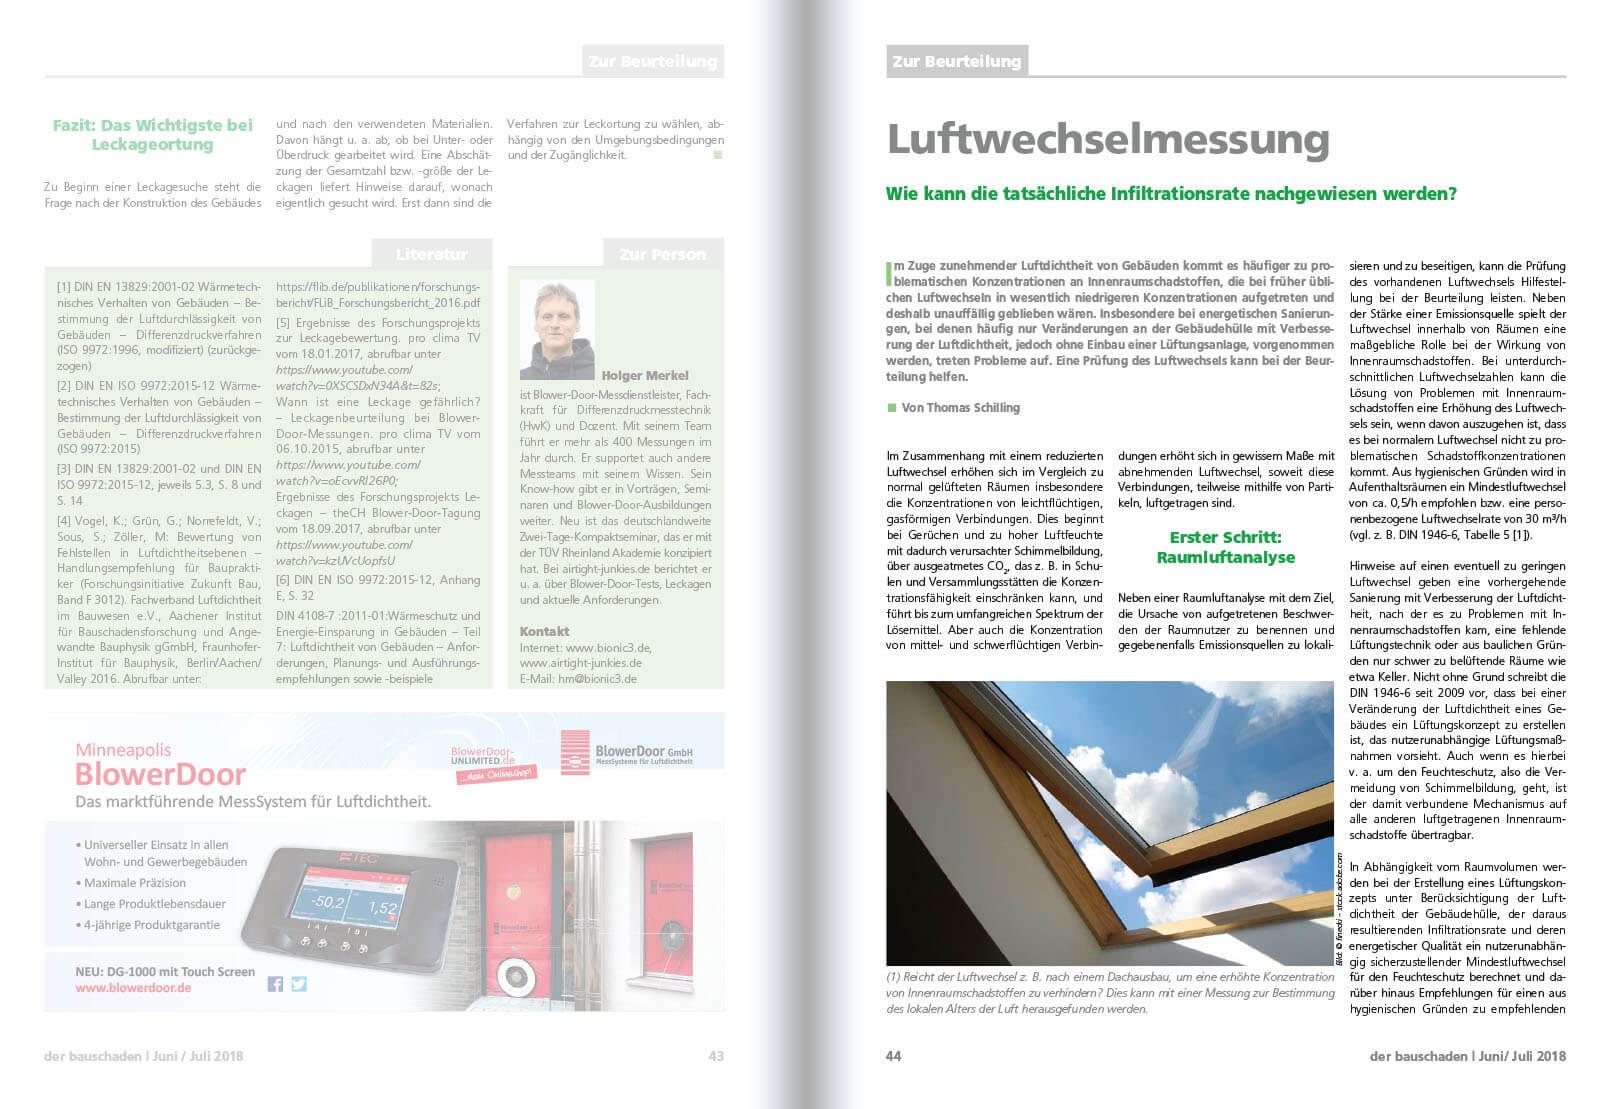 2018-06_Luftwechselmessung_001